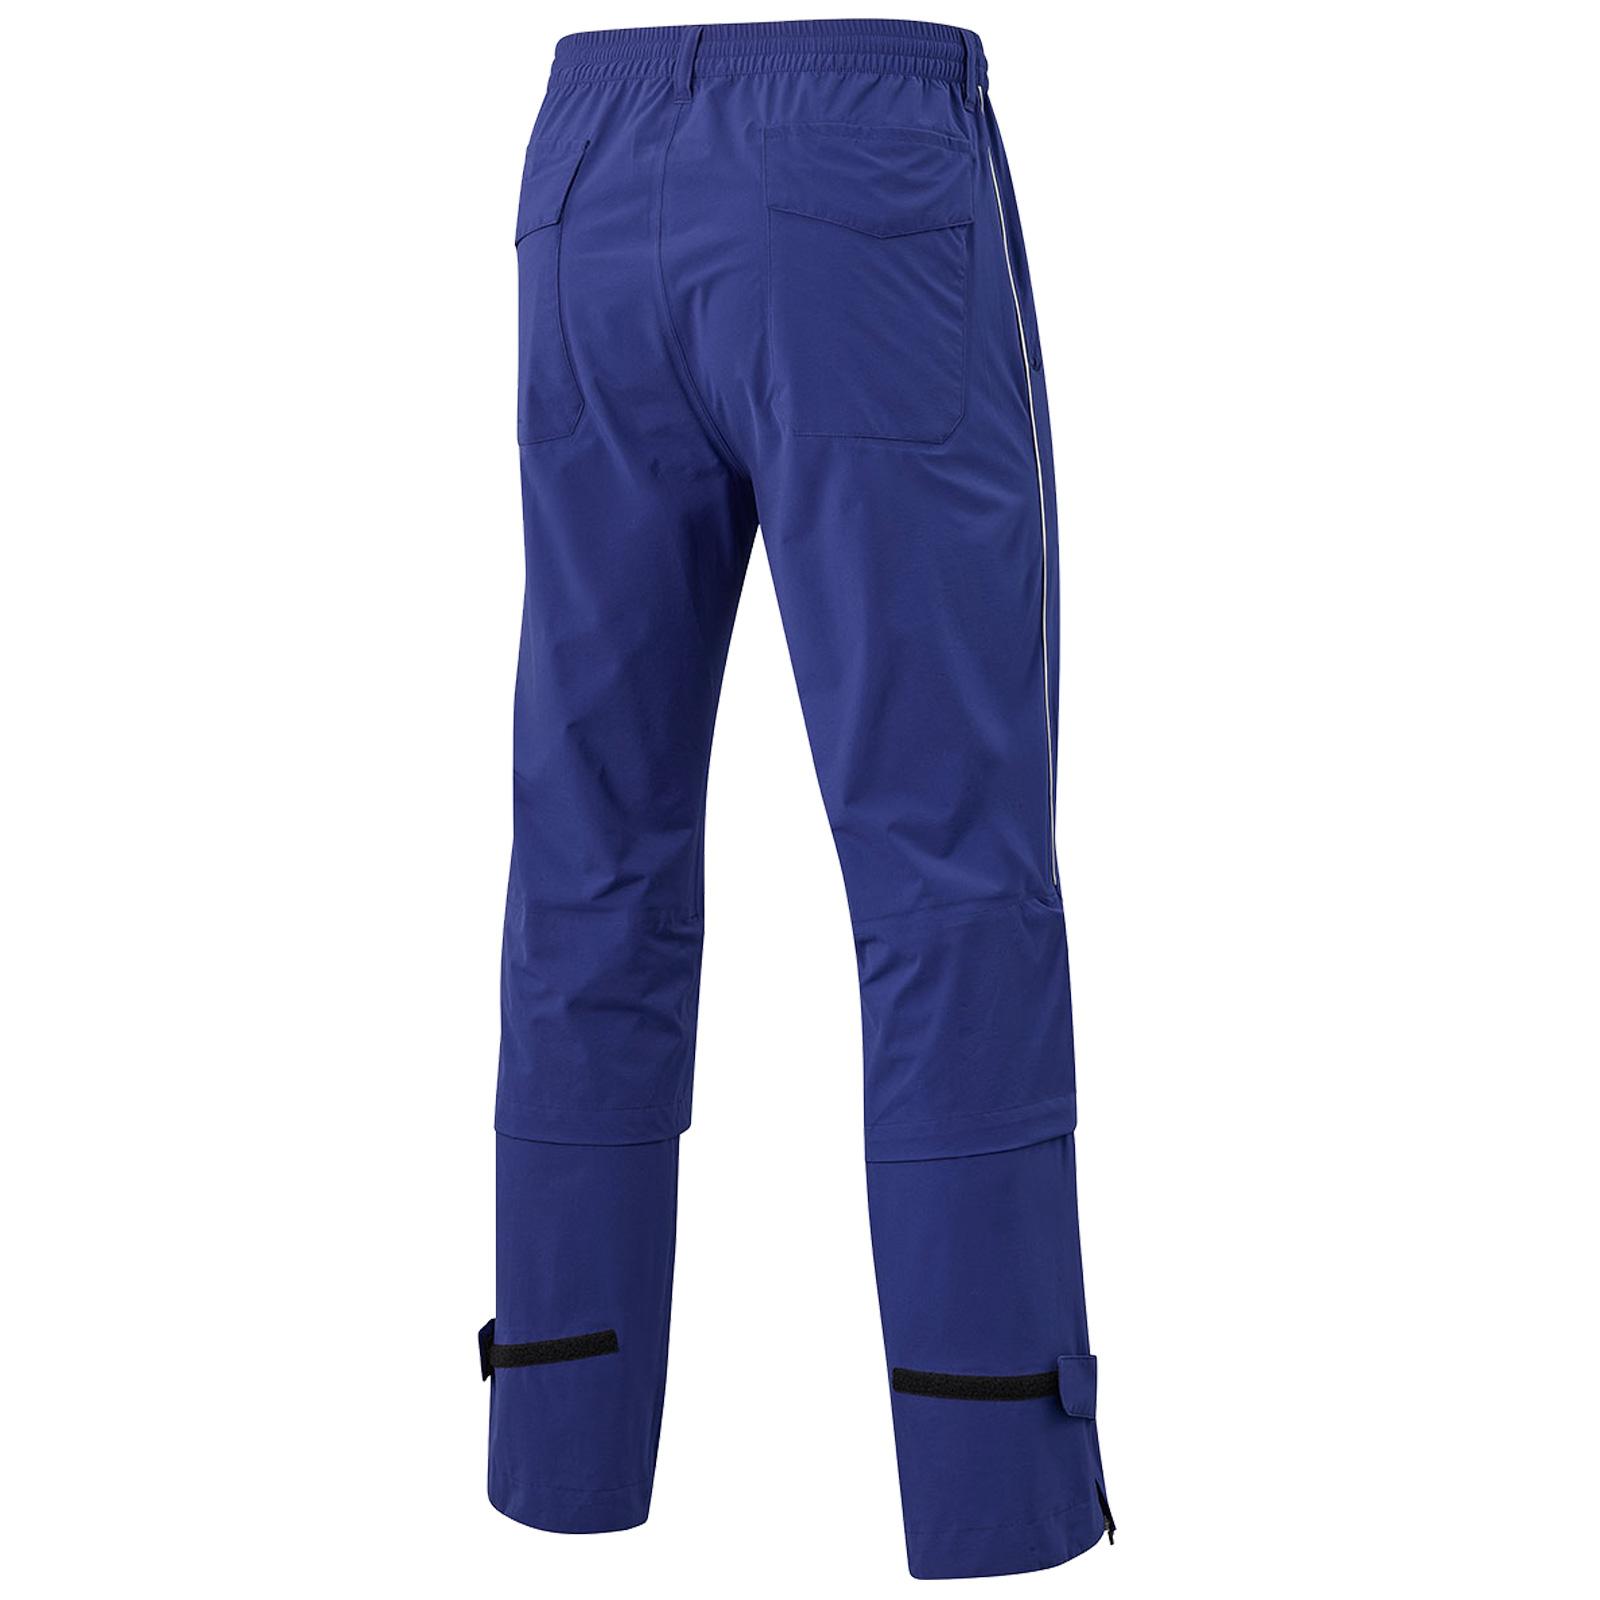 MIZUNO-Uomo-Impermalite-F20-Impermeabile-Pioggia-Pantaloni-Leggero-Pantalone-Da-Golf miniatura 5